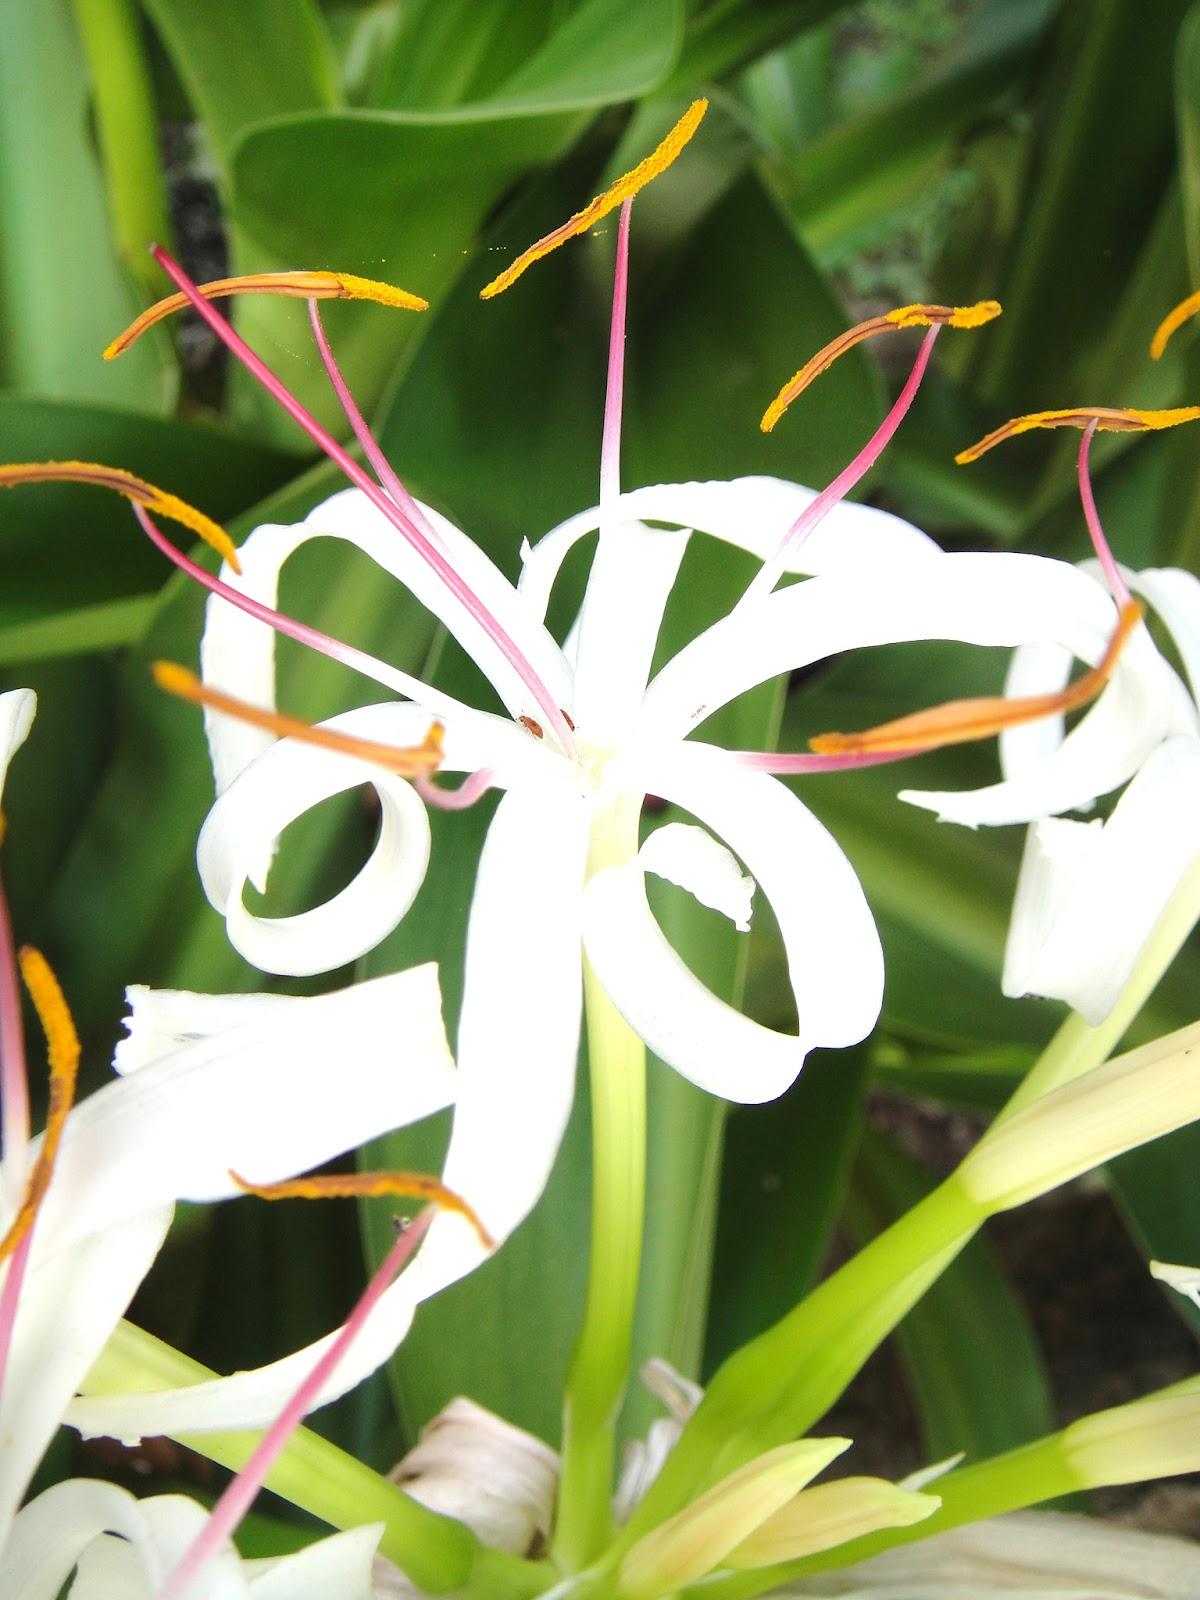 DWAN雲之端: 文珠蘭--又名文殊蘭 (學名:Crinum asiaticum ,南傳佛教的英文,南傳佛教怎么讀,英文名稱意指為「有毒的鱗莖 ...